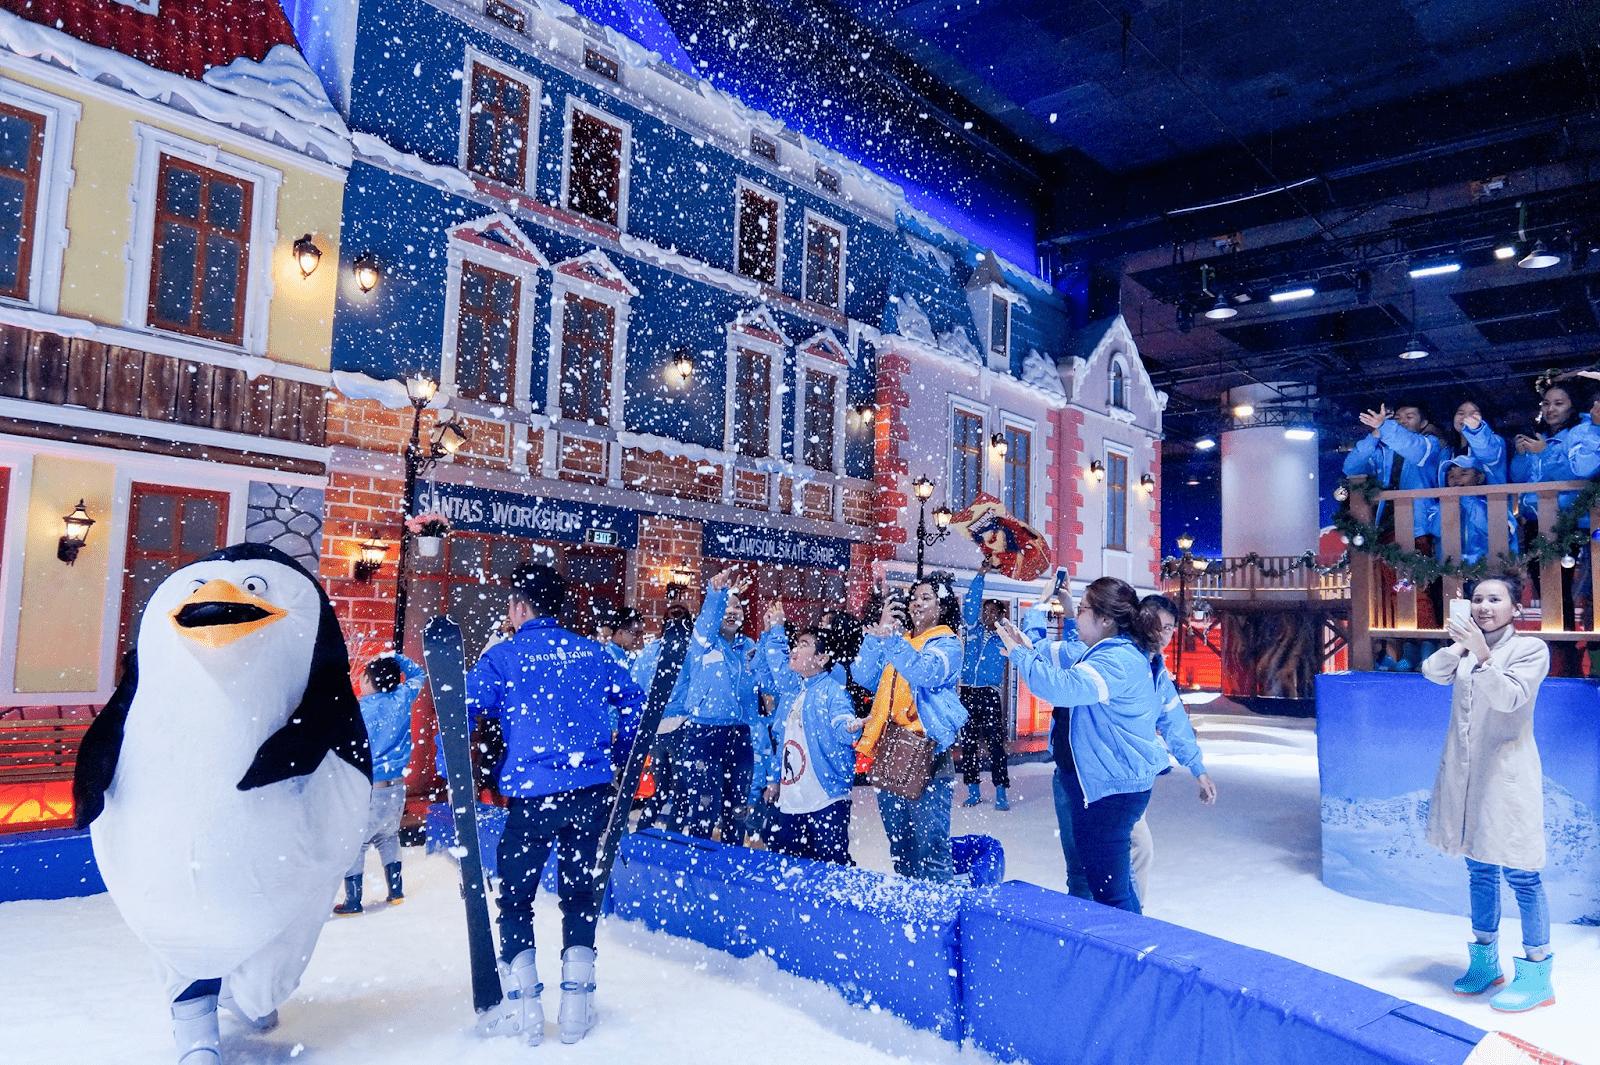 Thỏa sức nô đùa cùng tuyết trắng tại Snow Town